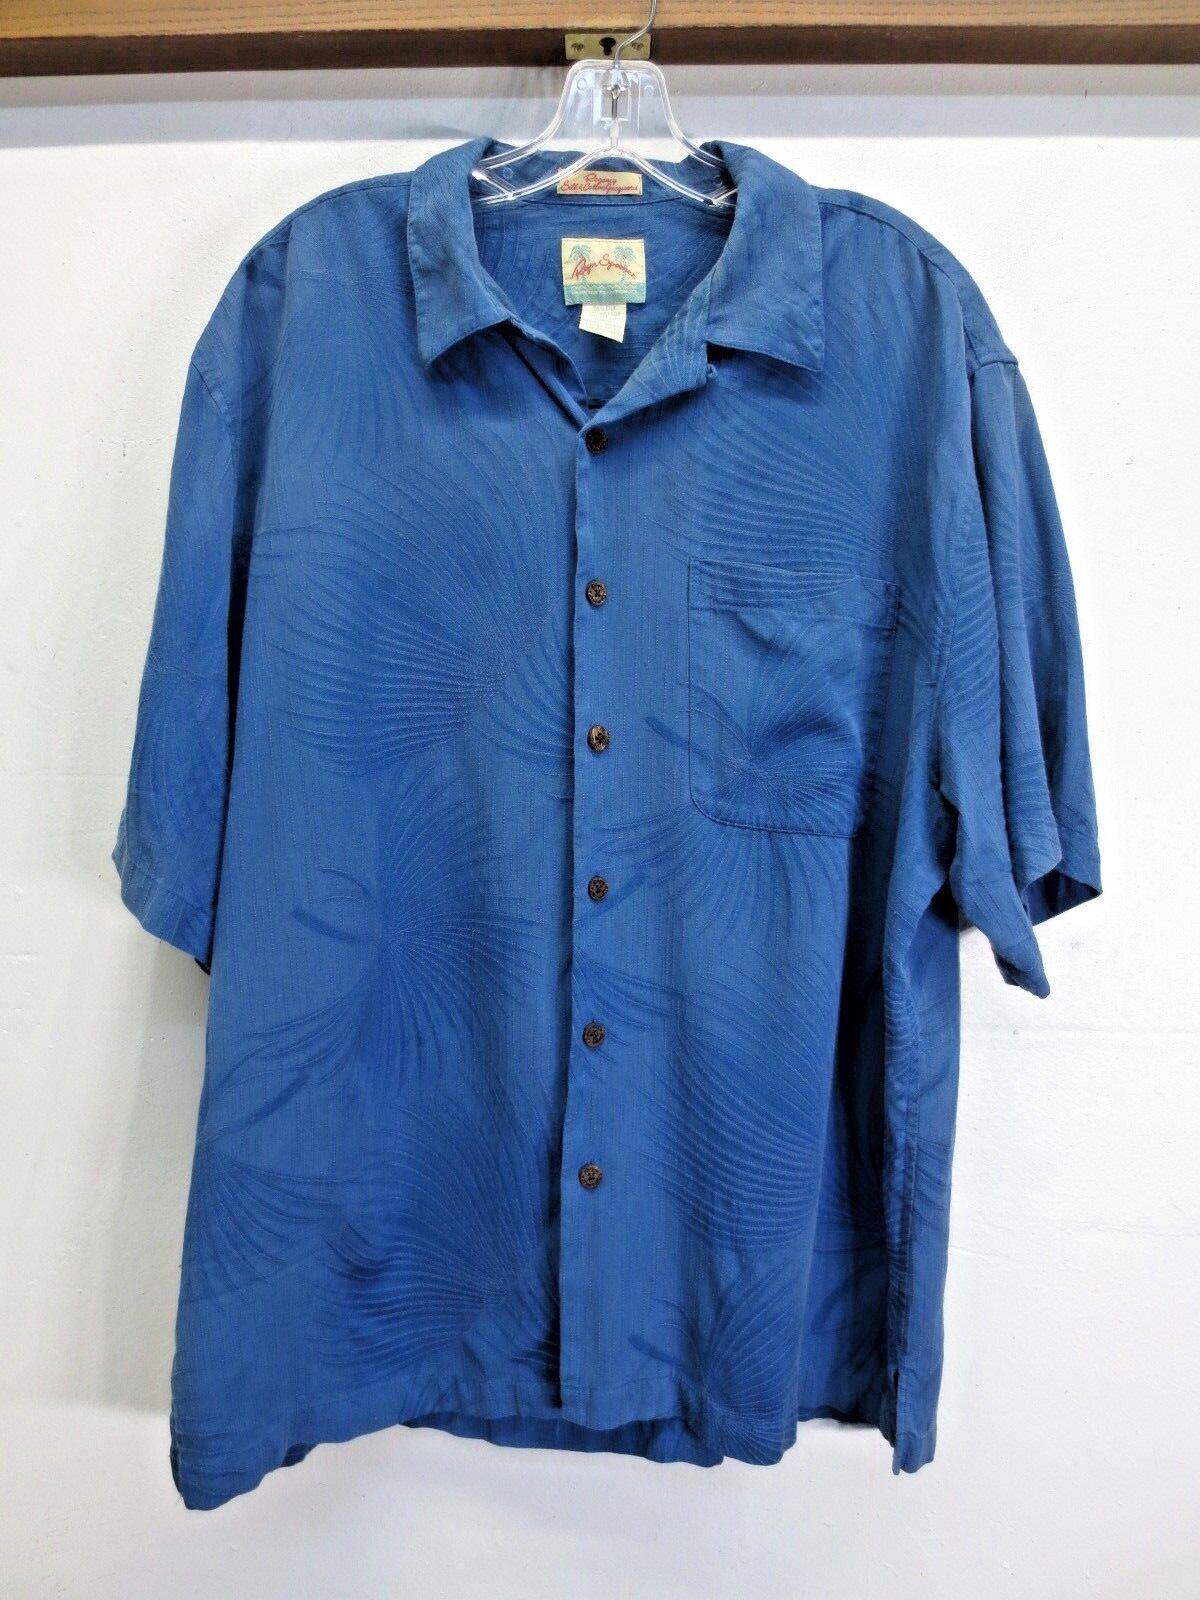 EUC Reyn Spooner Hawaiian Traditionals Hawaiian Shirt Silk Cotton Jacquard L